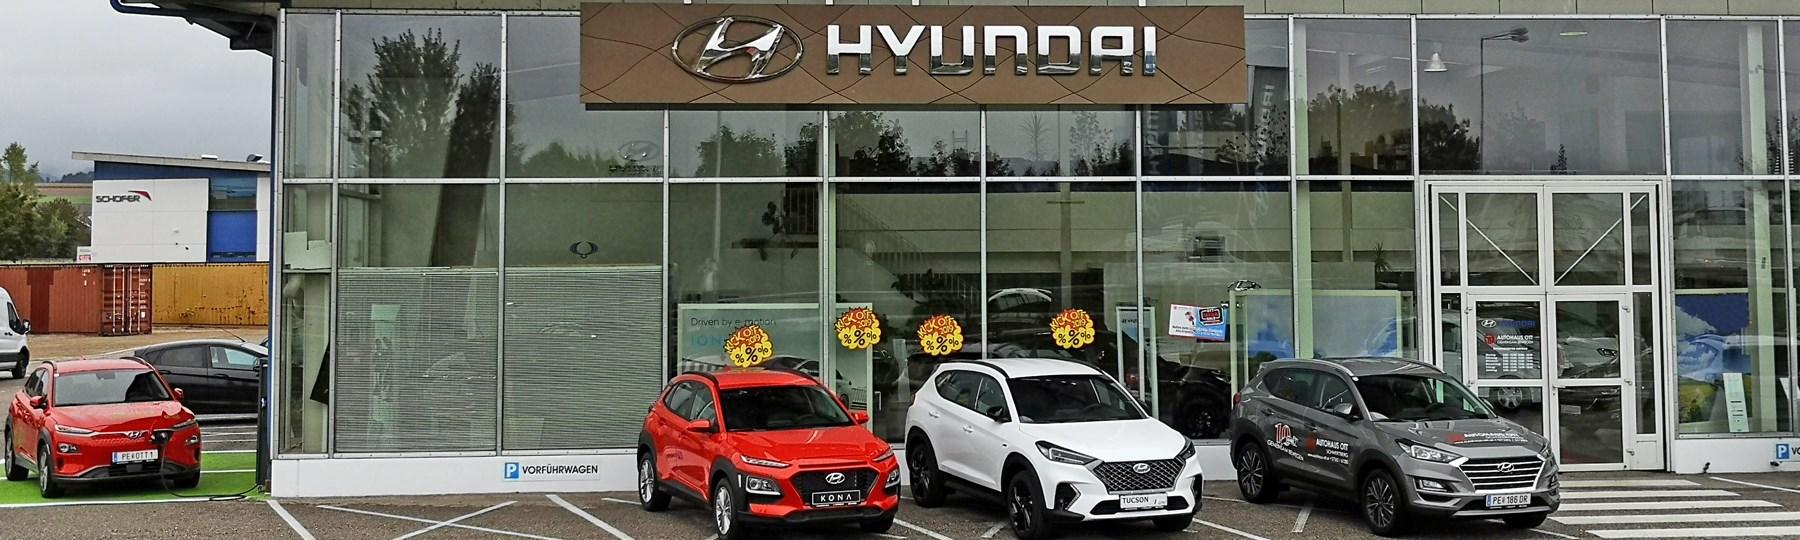 HWS Hyundai Headerbild 1800x540